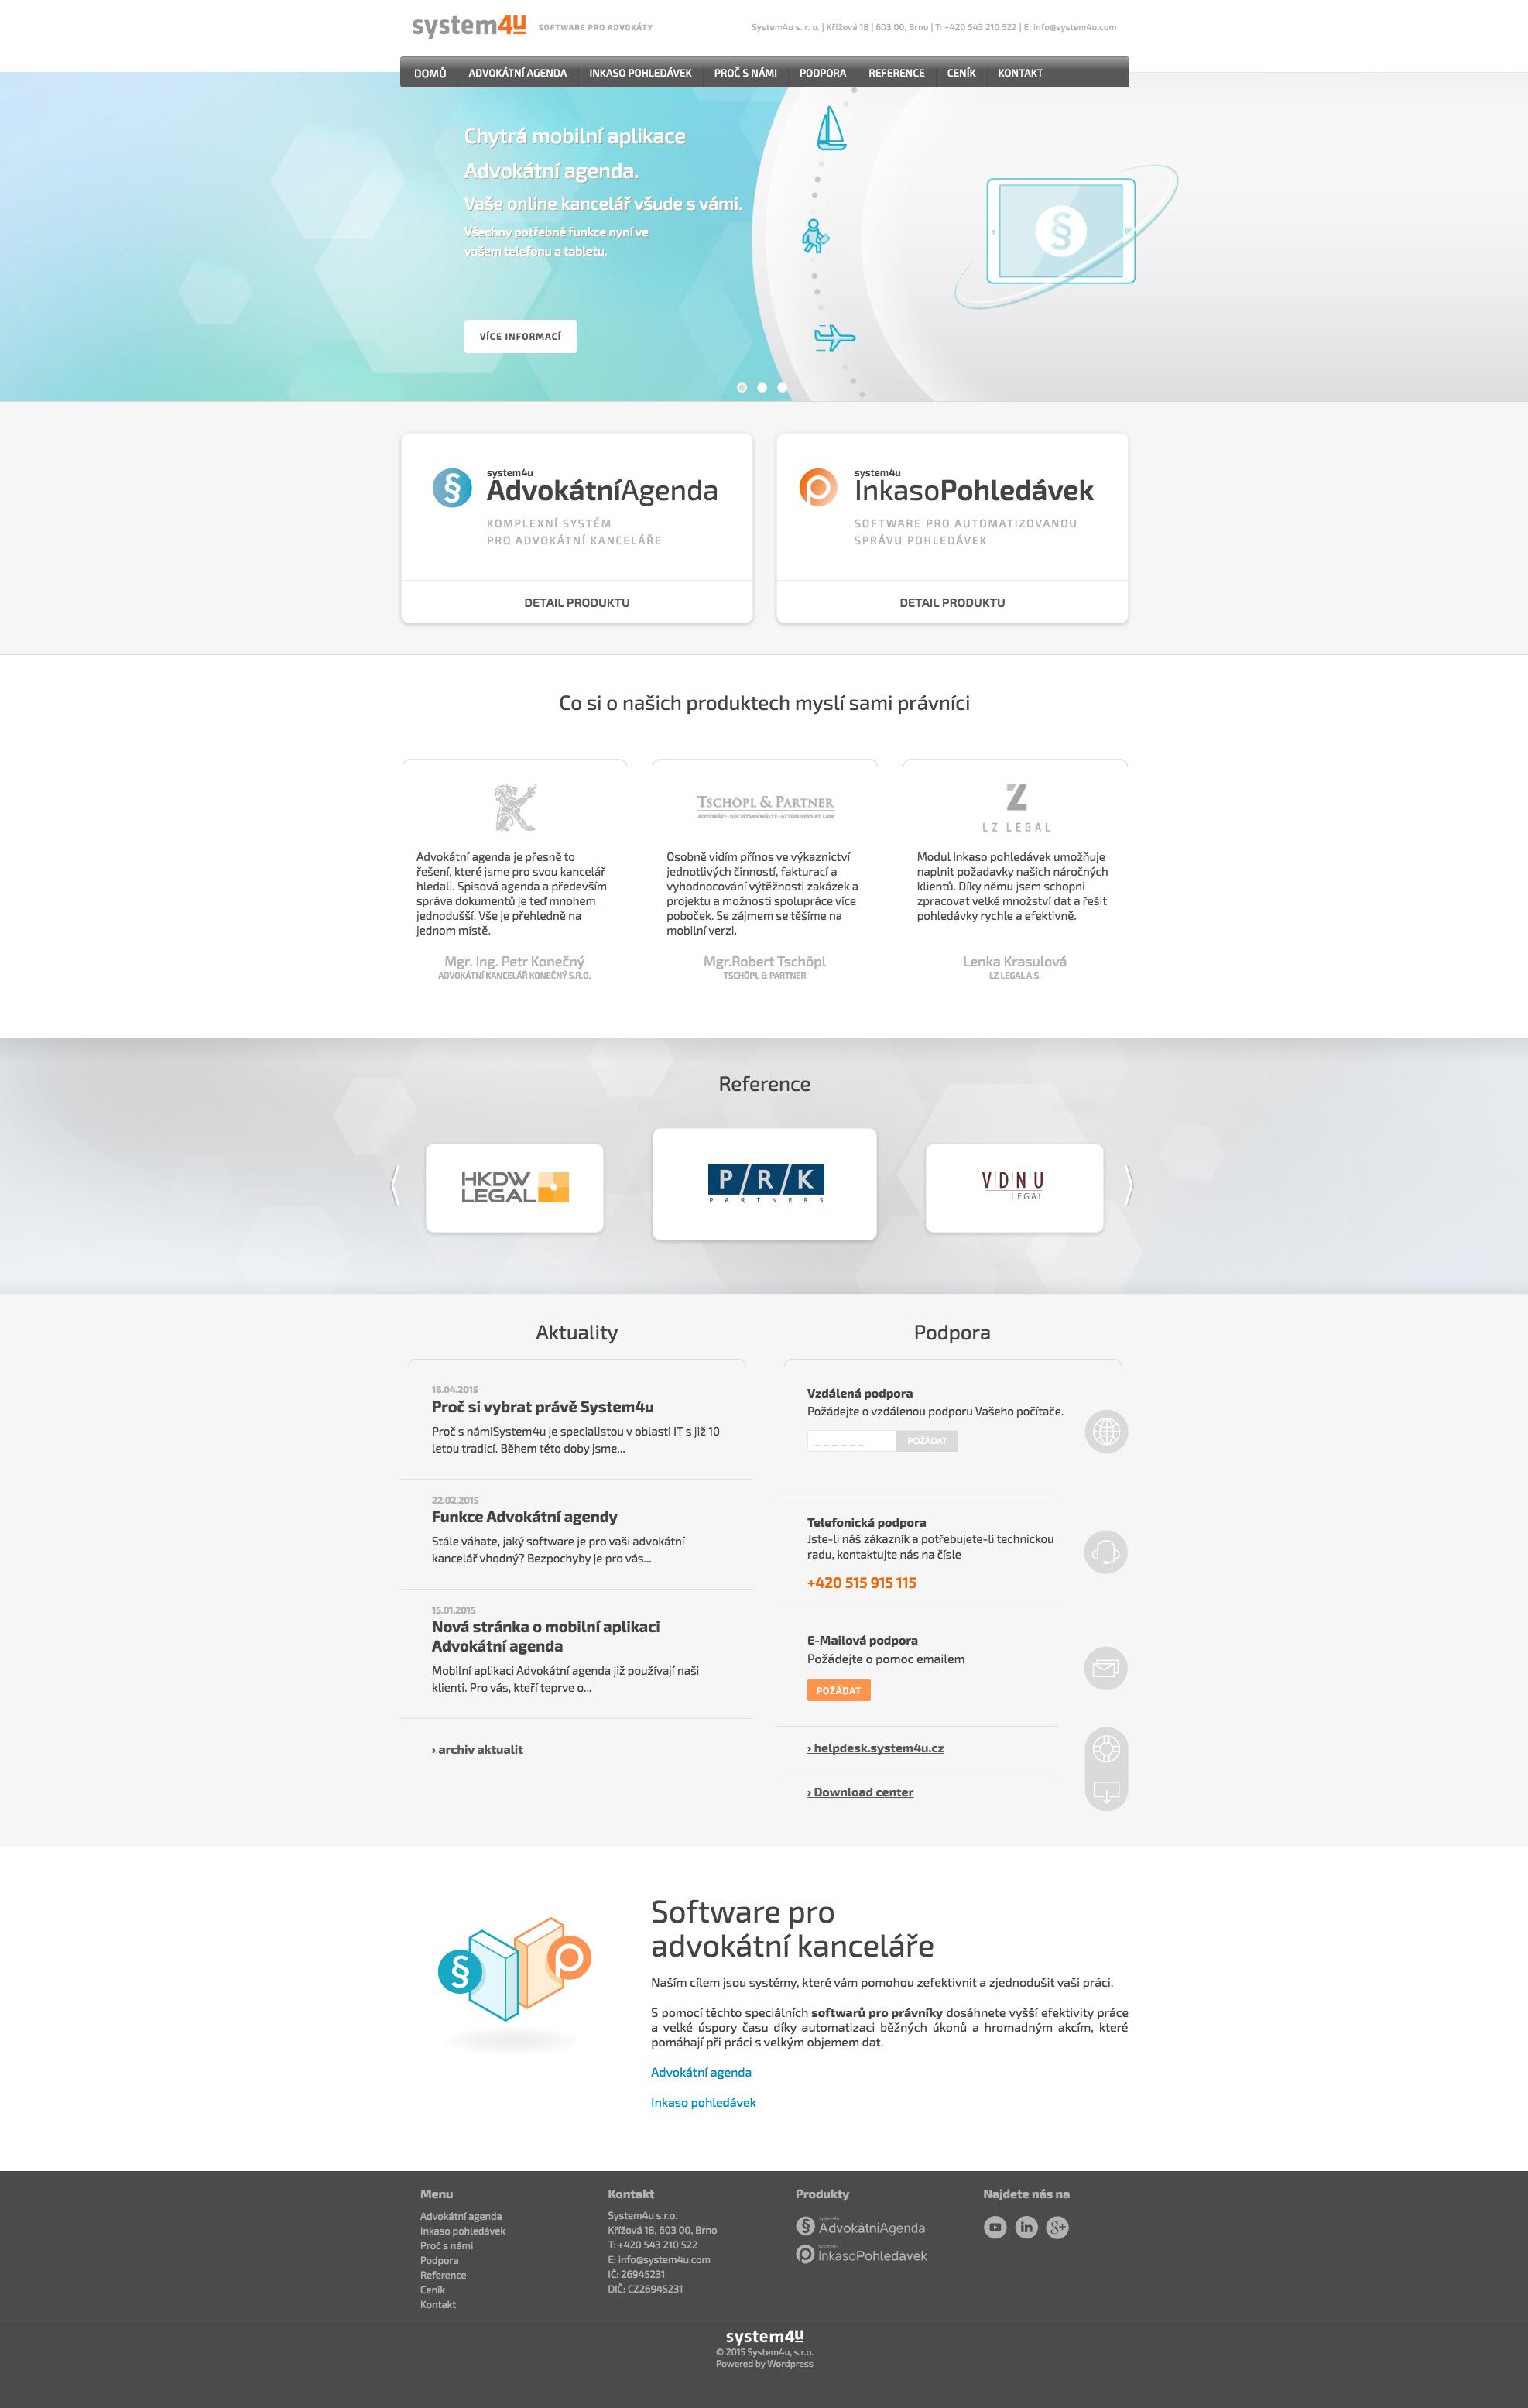 Software pro právníky - realizace, Webdesign